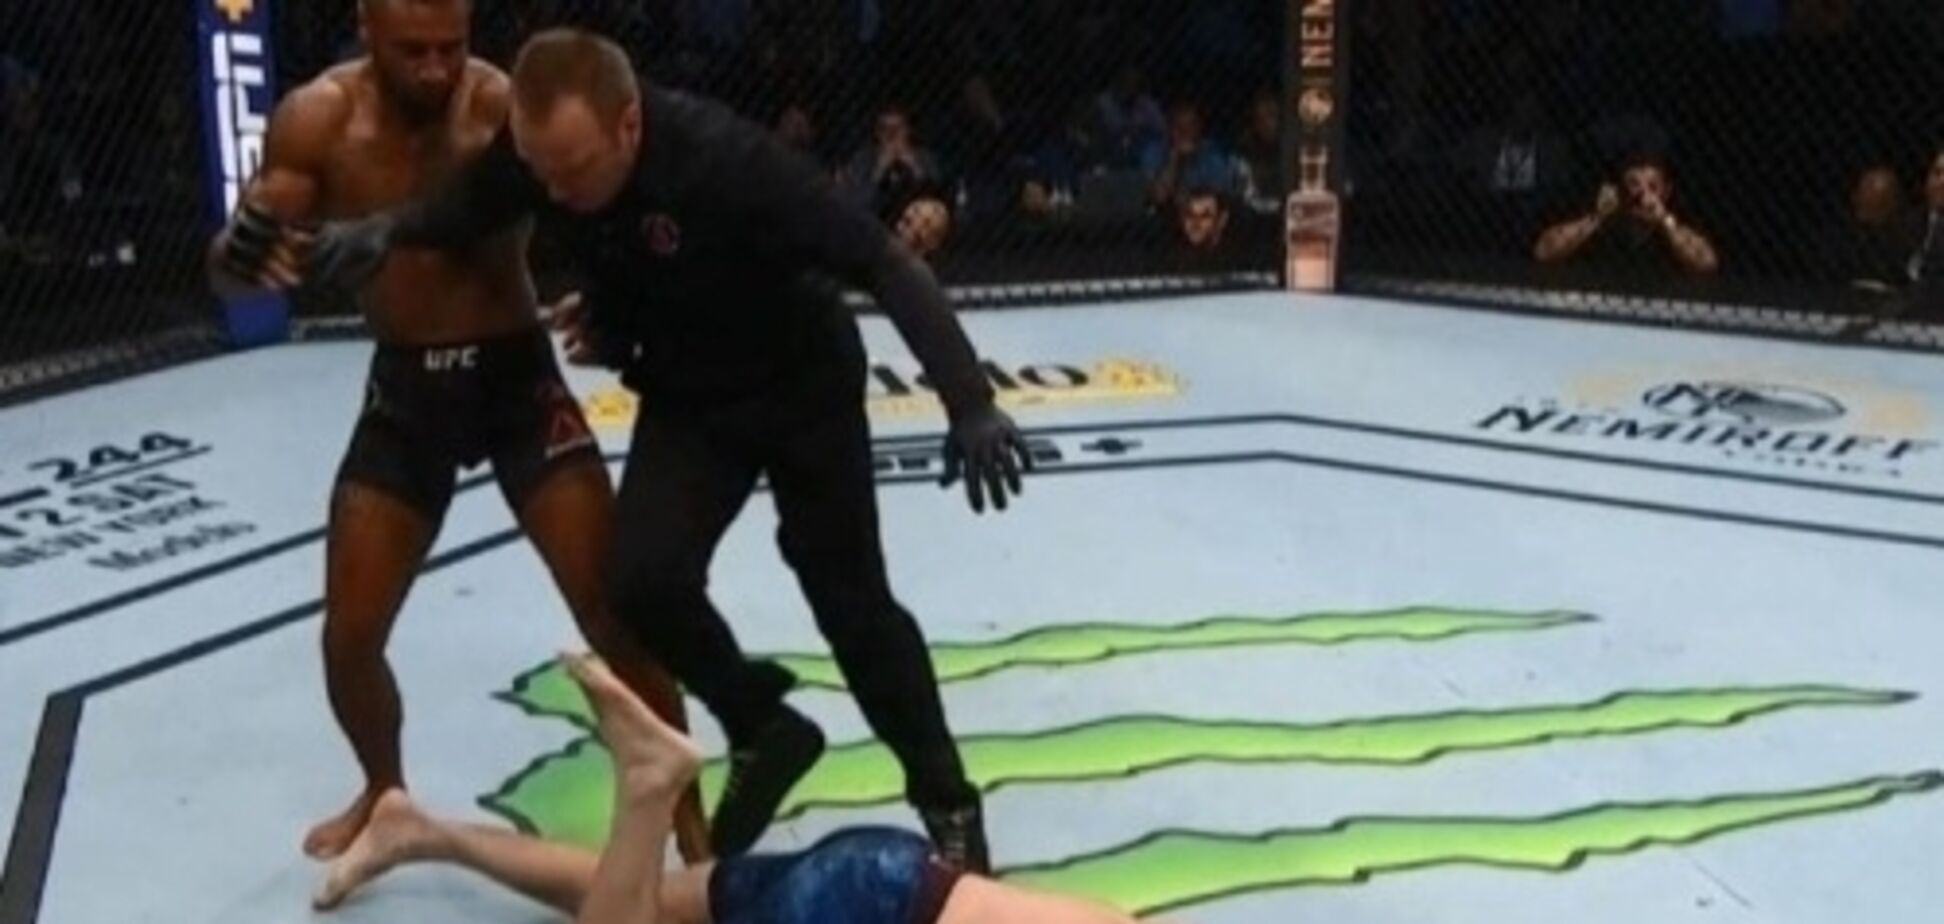 Боец UFC 'пушкой' в челюсть брутально нокаутировал соперника за 15 секунд до гонга - видеофакт